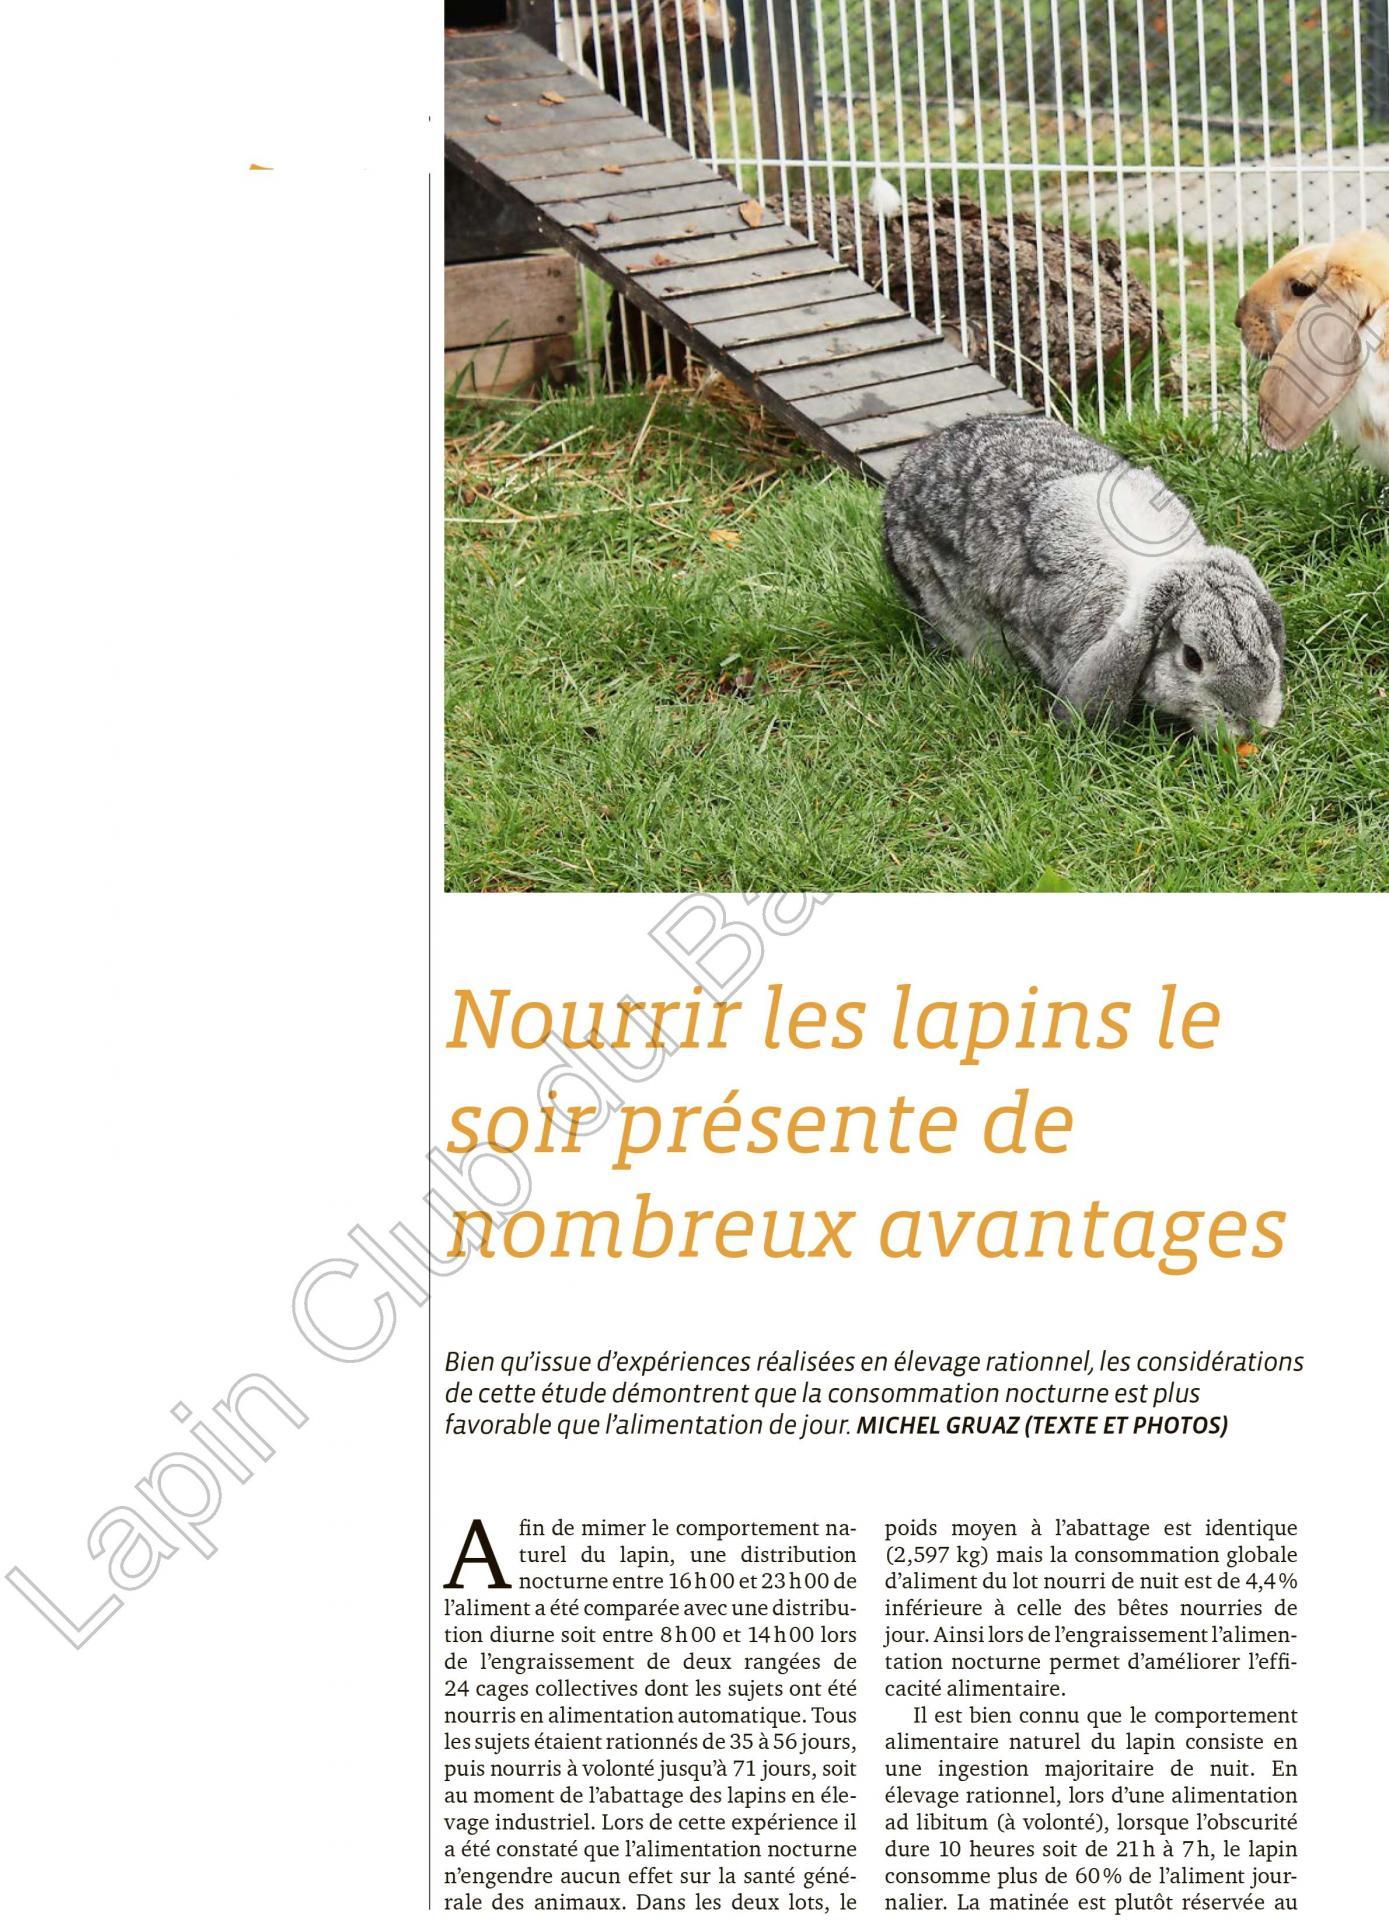 Nourrir les lapins le soir presente de nombreux avantages 1